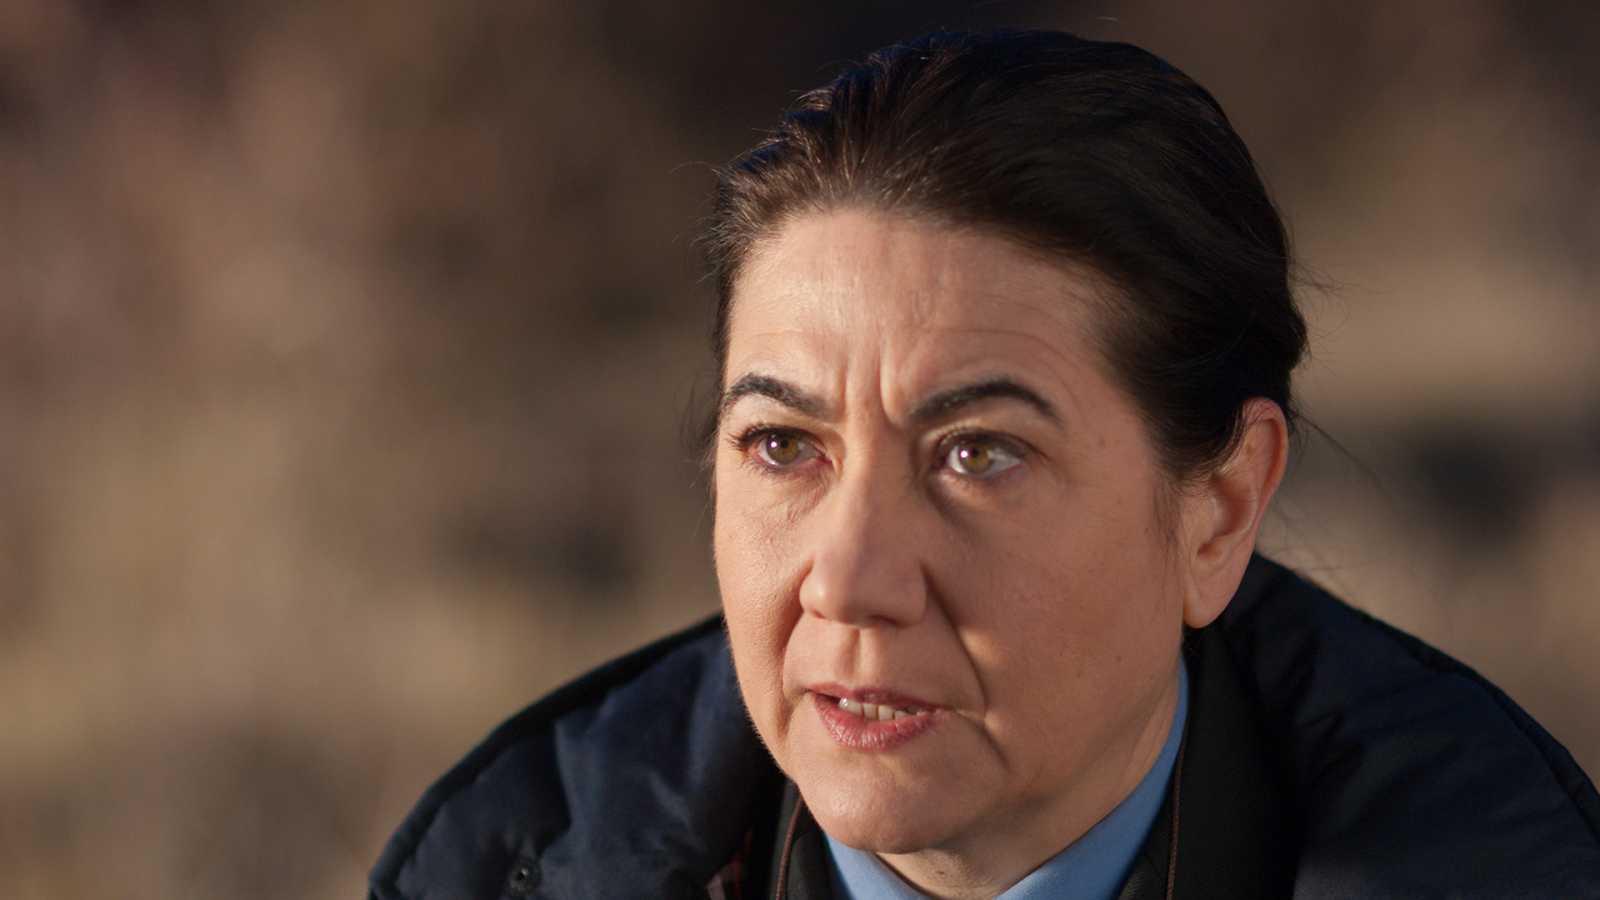 Gran Reserva - T2 - Capítulo 25 - Raúl despide a Mónica, ahora que vuelve a tener a Lucía entre sus brazos ya no la necesita para nada - Ver ahora